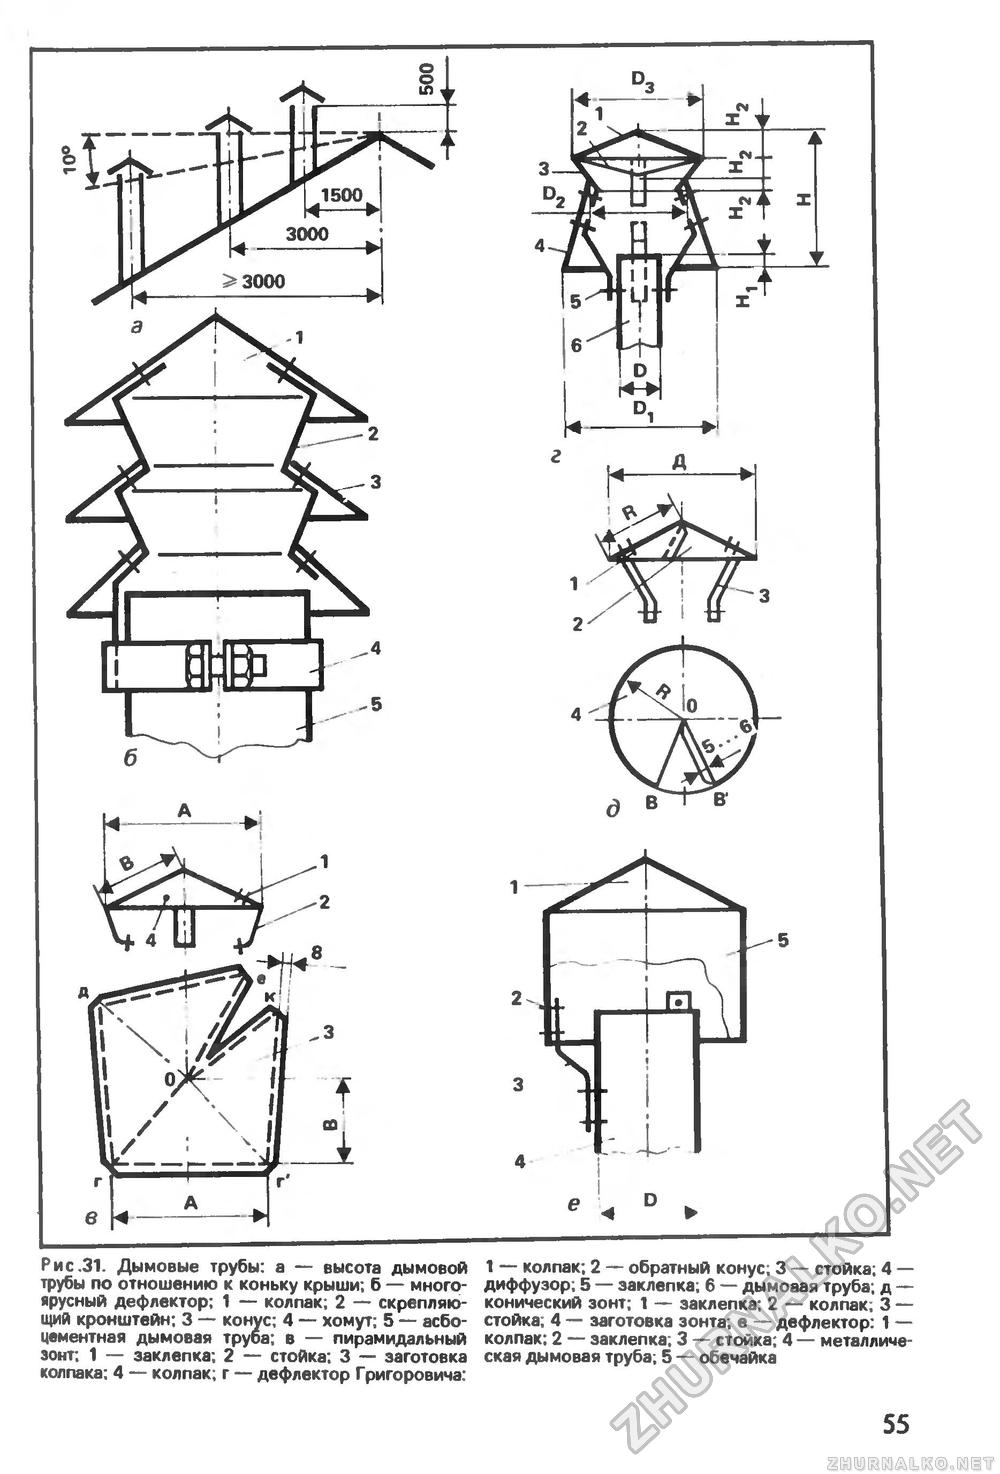 Схема и устройство врезного замка с цилиндровым механизмом